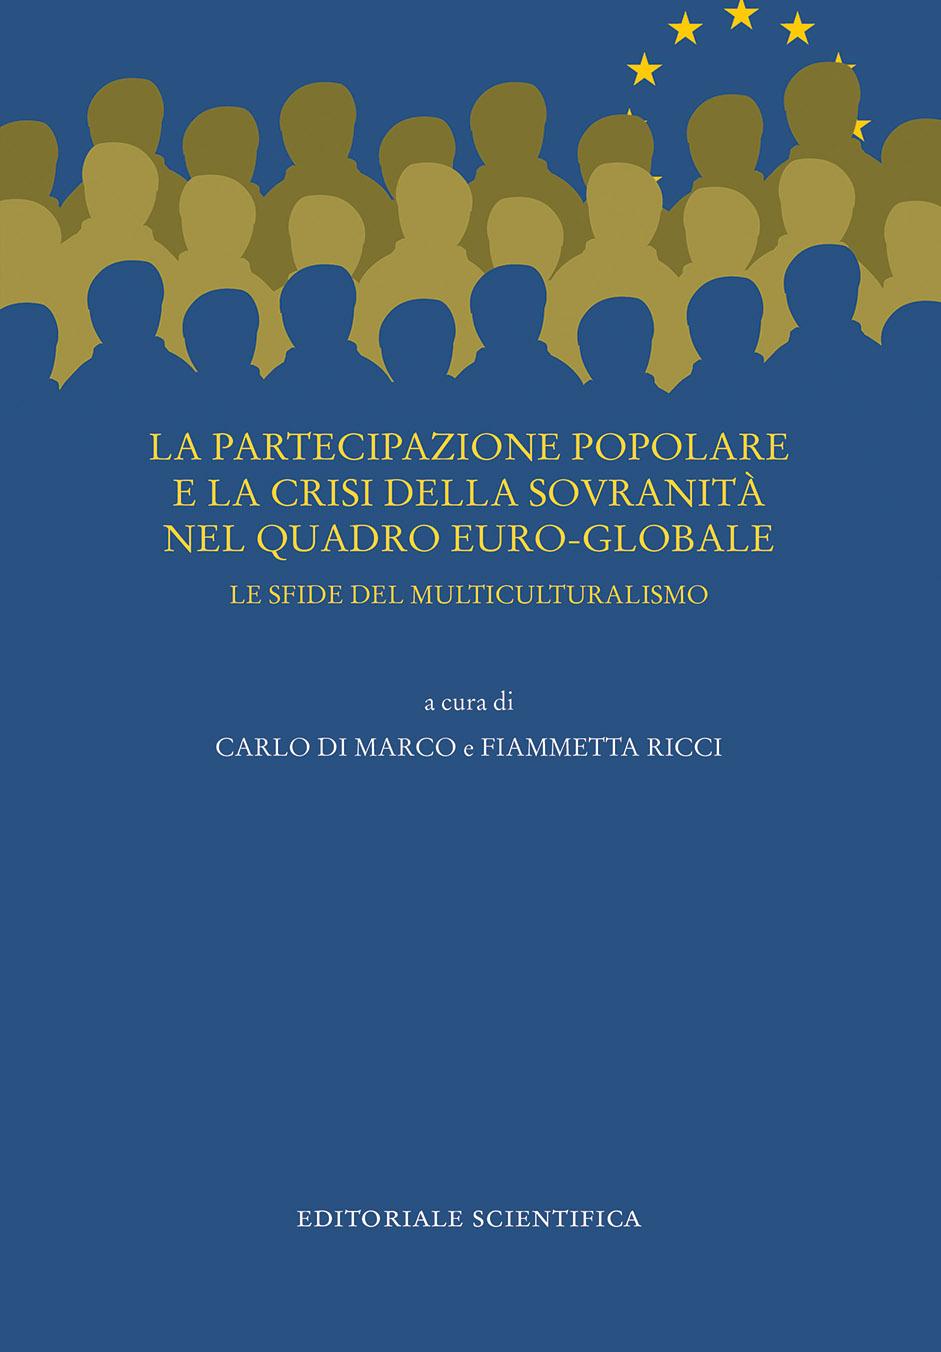 Volume: Partecipazione popolare e la crisi della sovranità nel quadro euro-globale